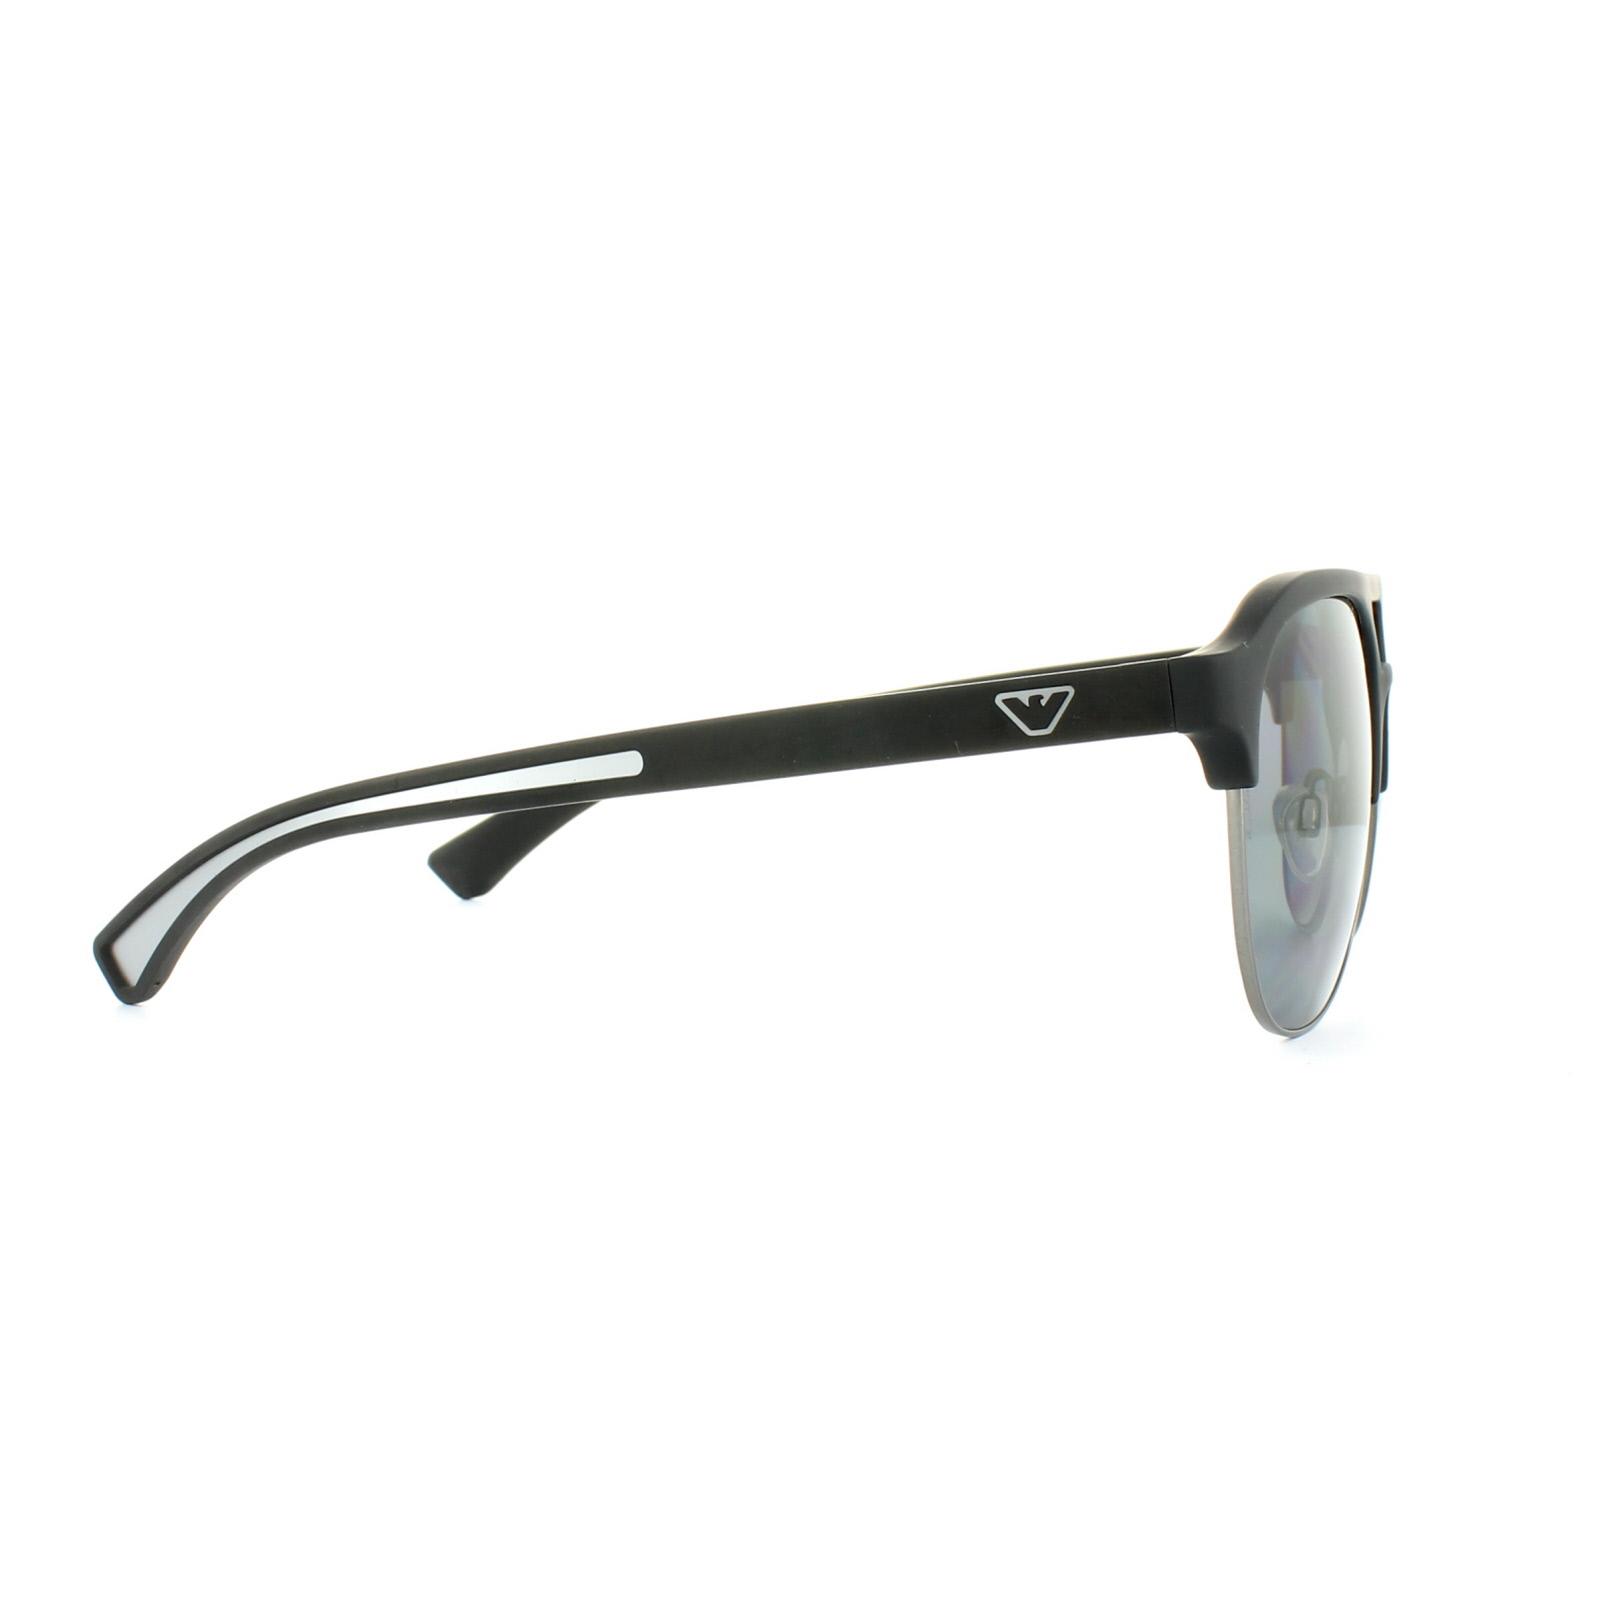 Sentinel Emporio Armani Sunglasses 4077 5063 81 Black Rubber Grey Polarized 560257c99e